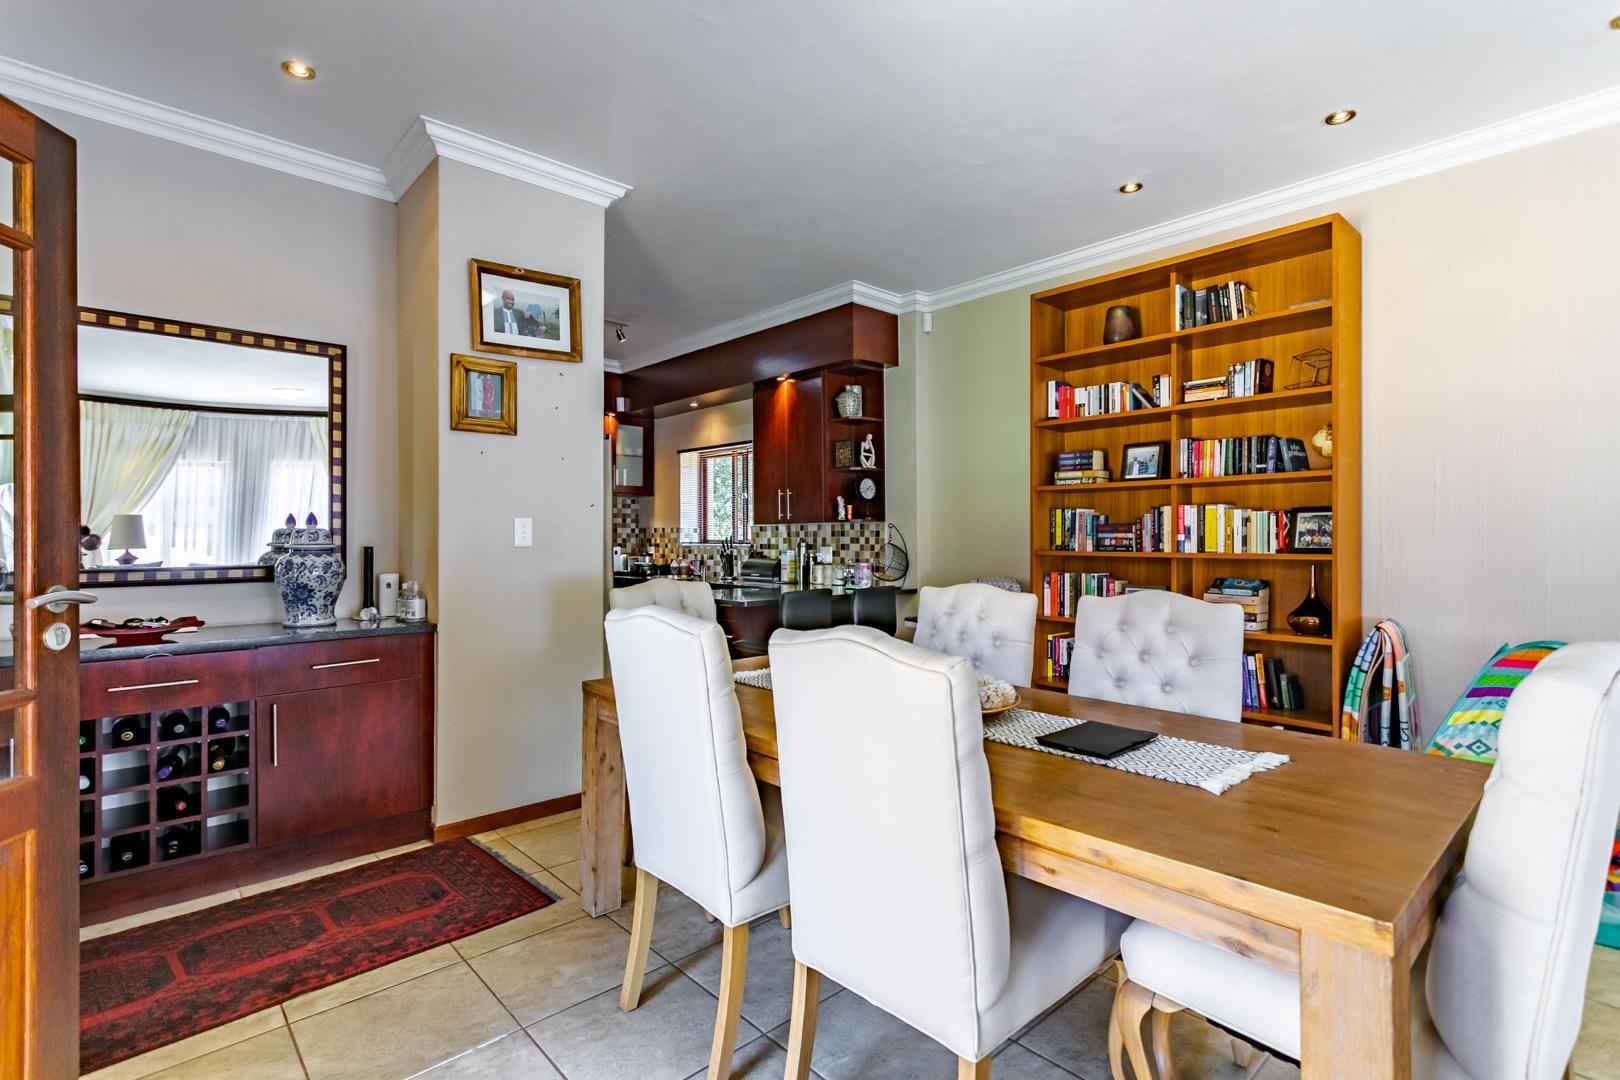 4 Bedroom House For Sale in Olympus AH